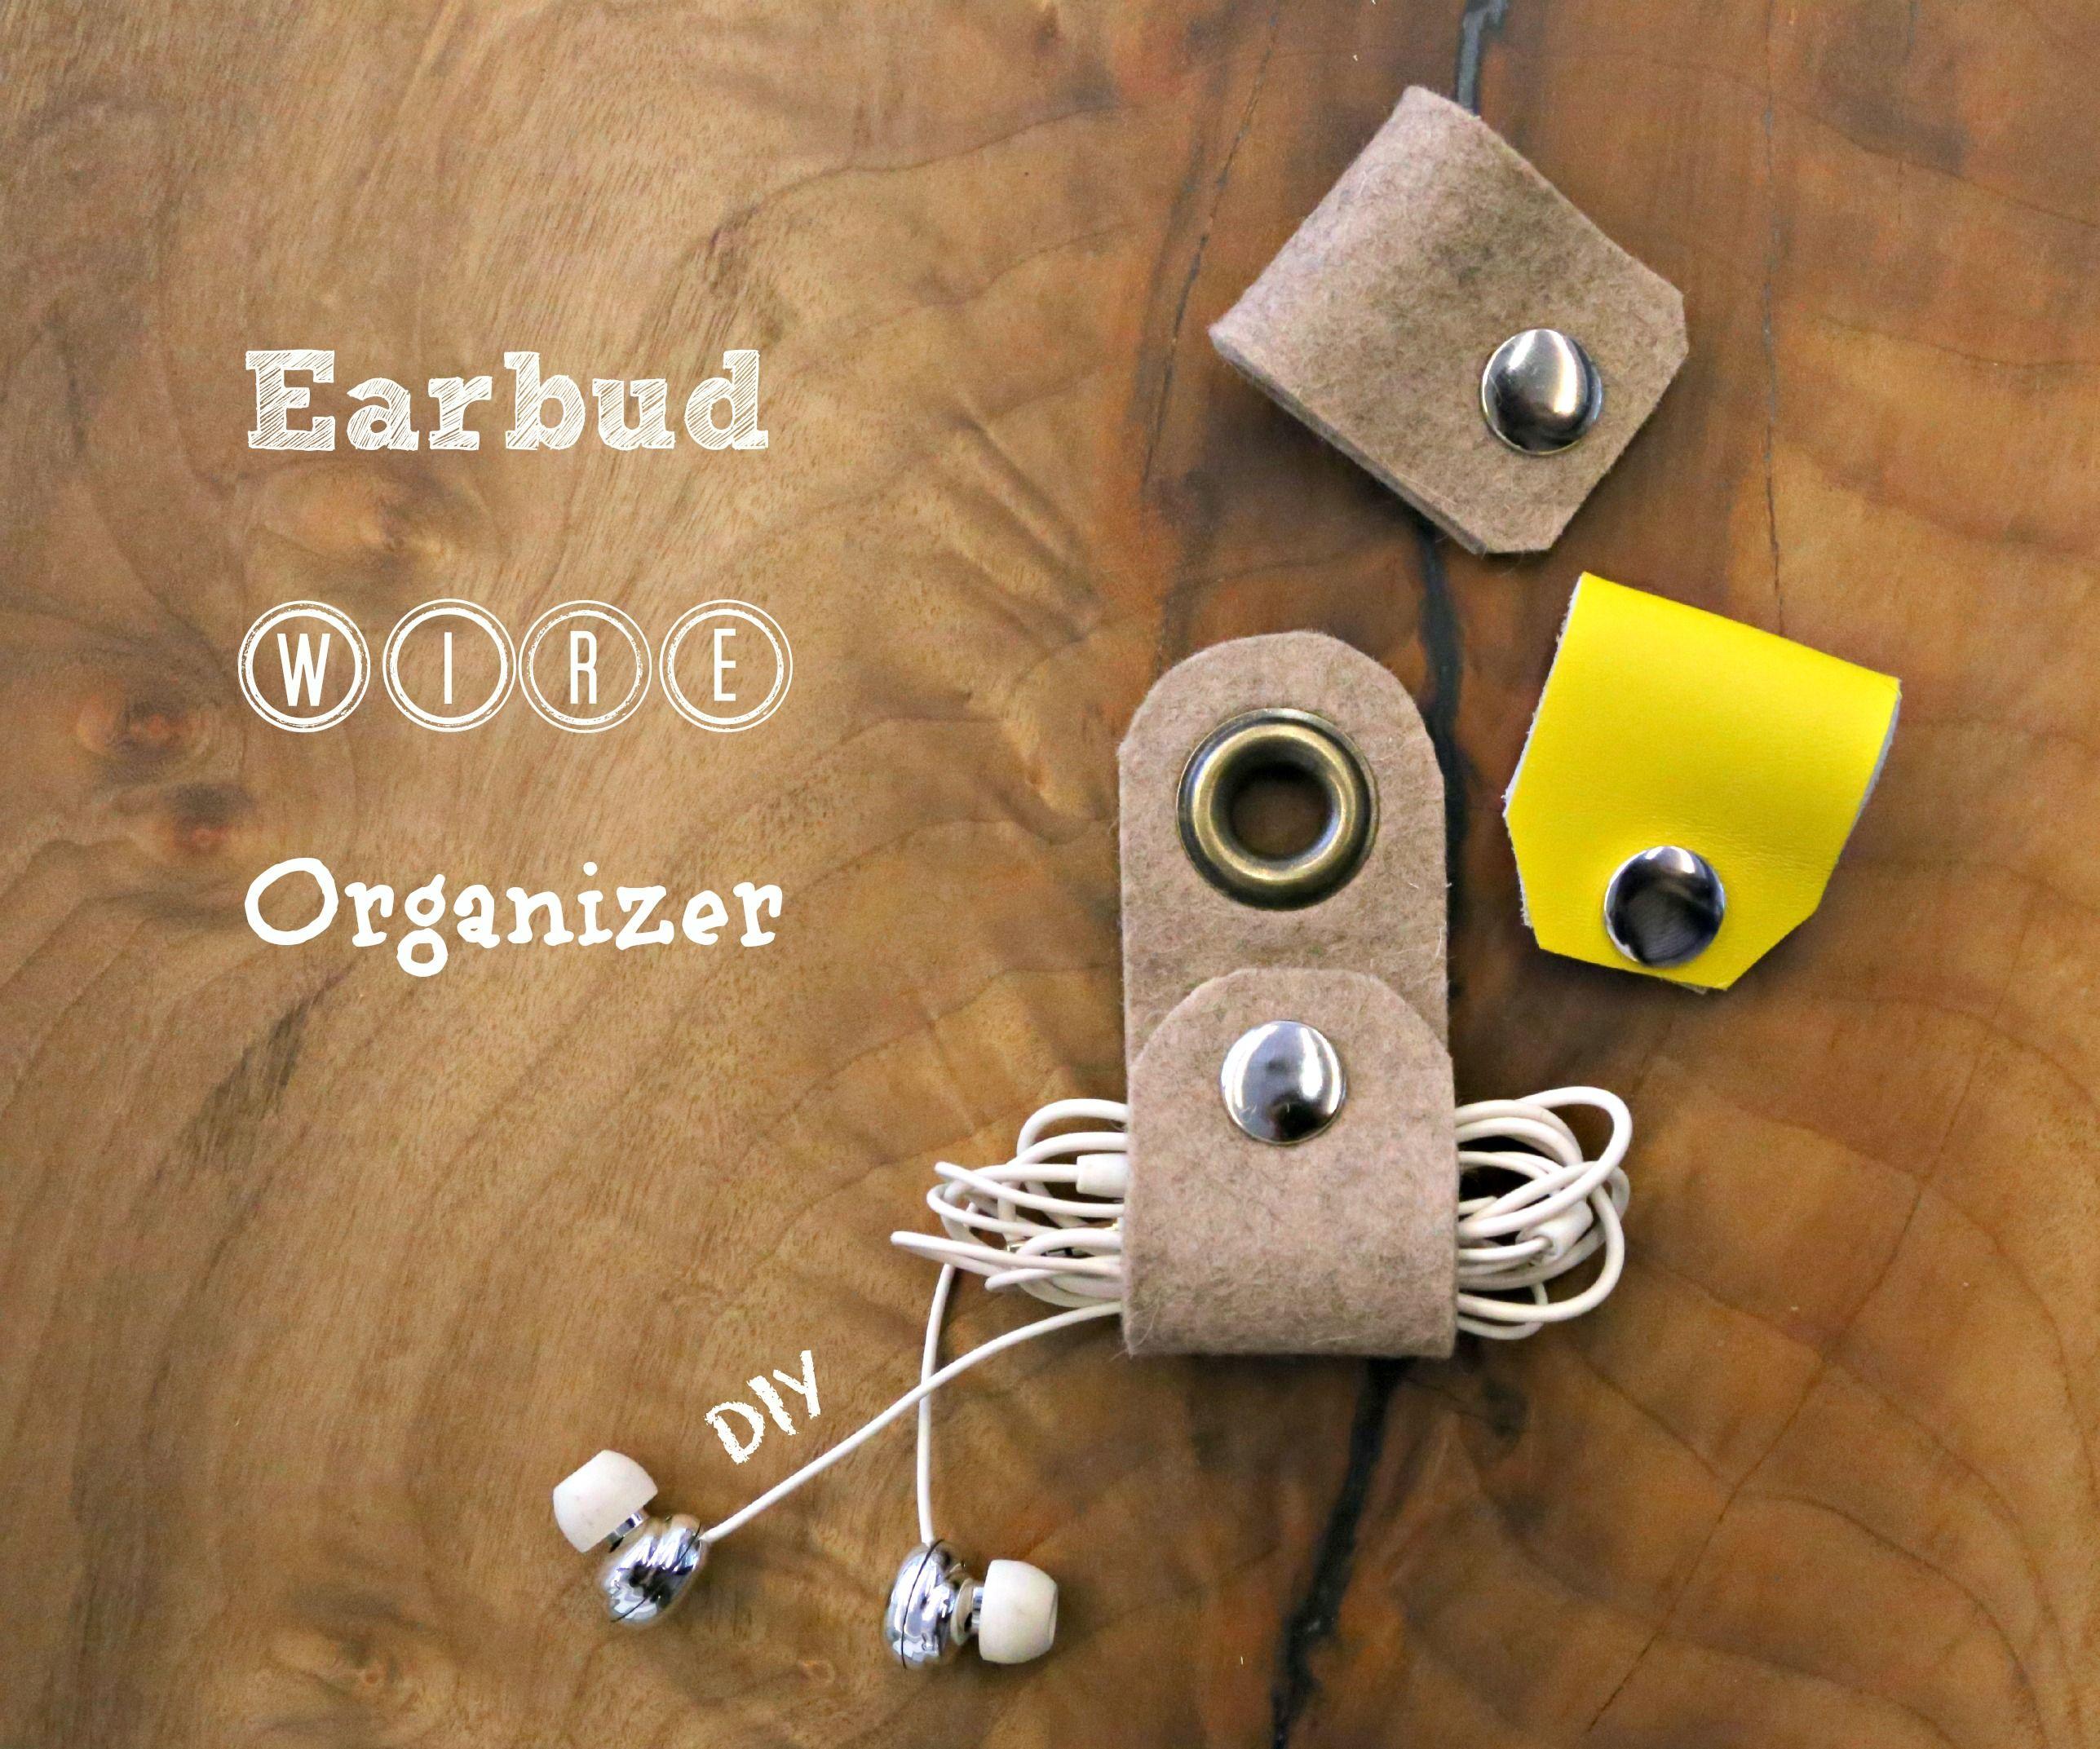 Earbud Wire Organizer